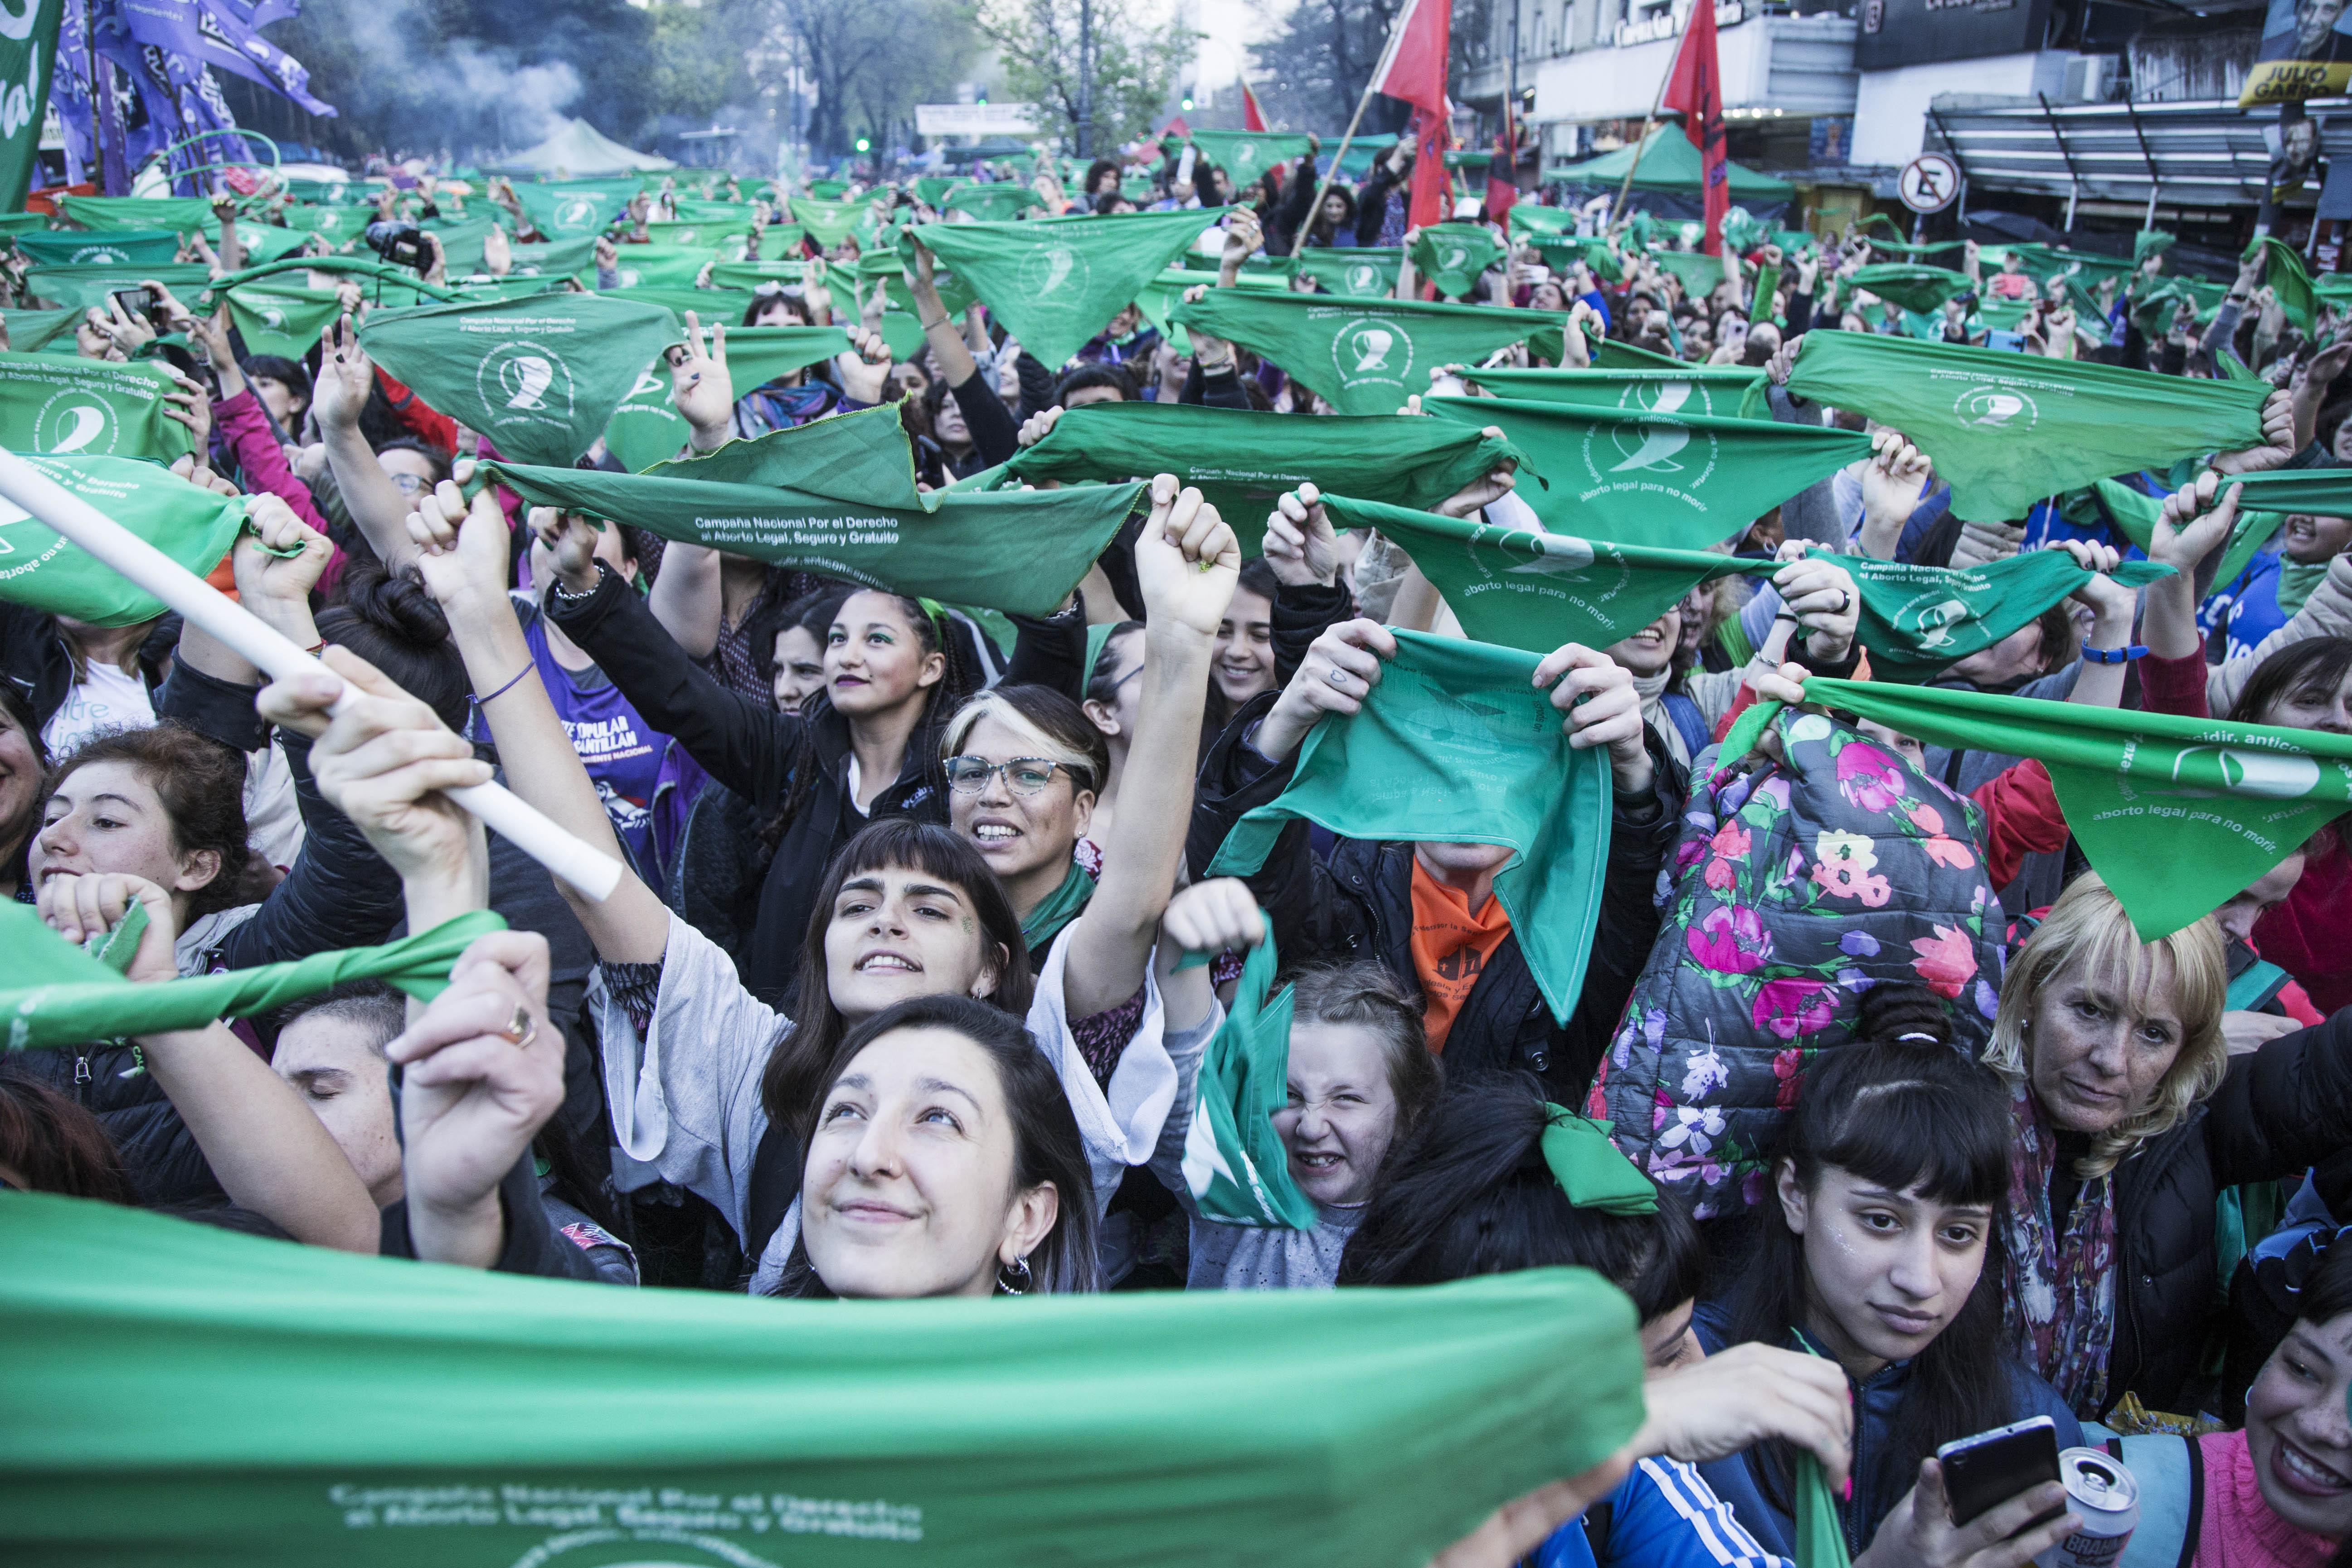 Mientras la marcha comenzaba, por plaza San Martín se iban cientos de mujeres de pueblos originarios a sus columnas